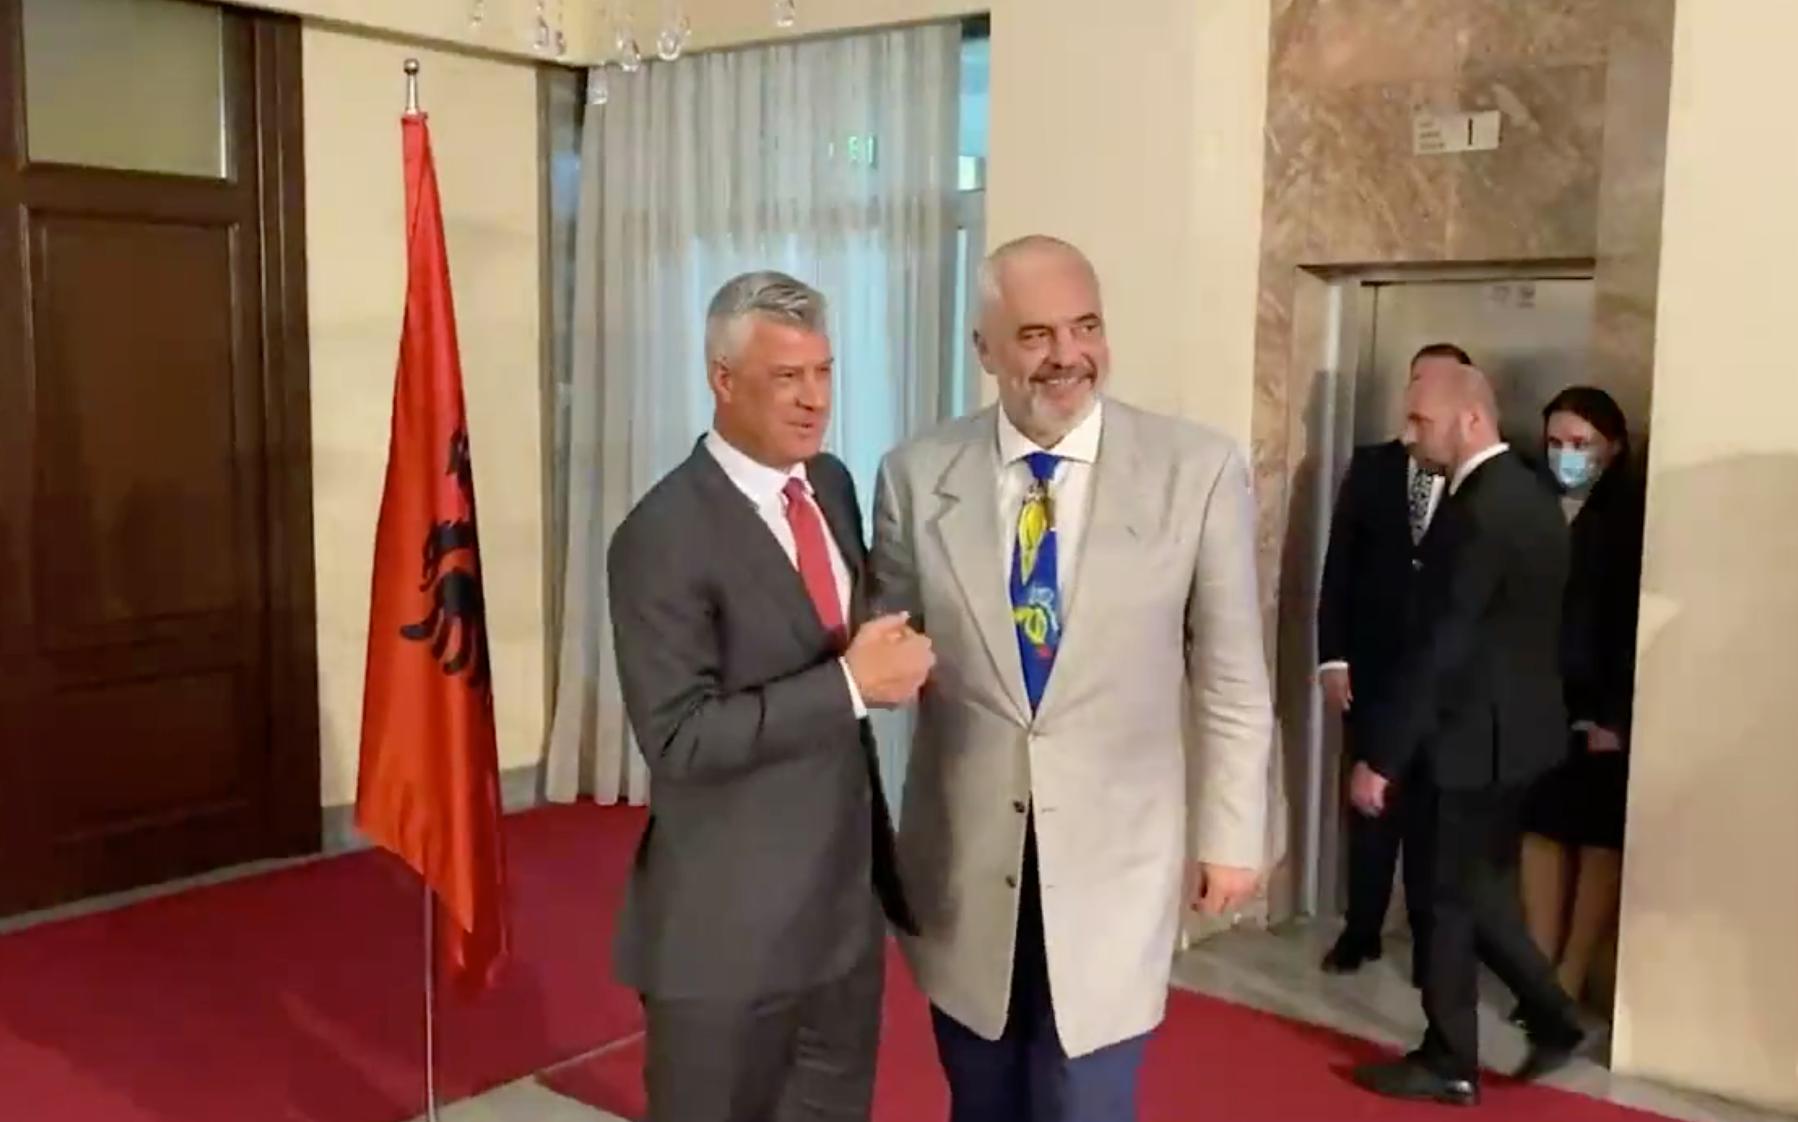 Arnavutluk Başbakanı Rama, Kosova'da temaslarda bulundu